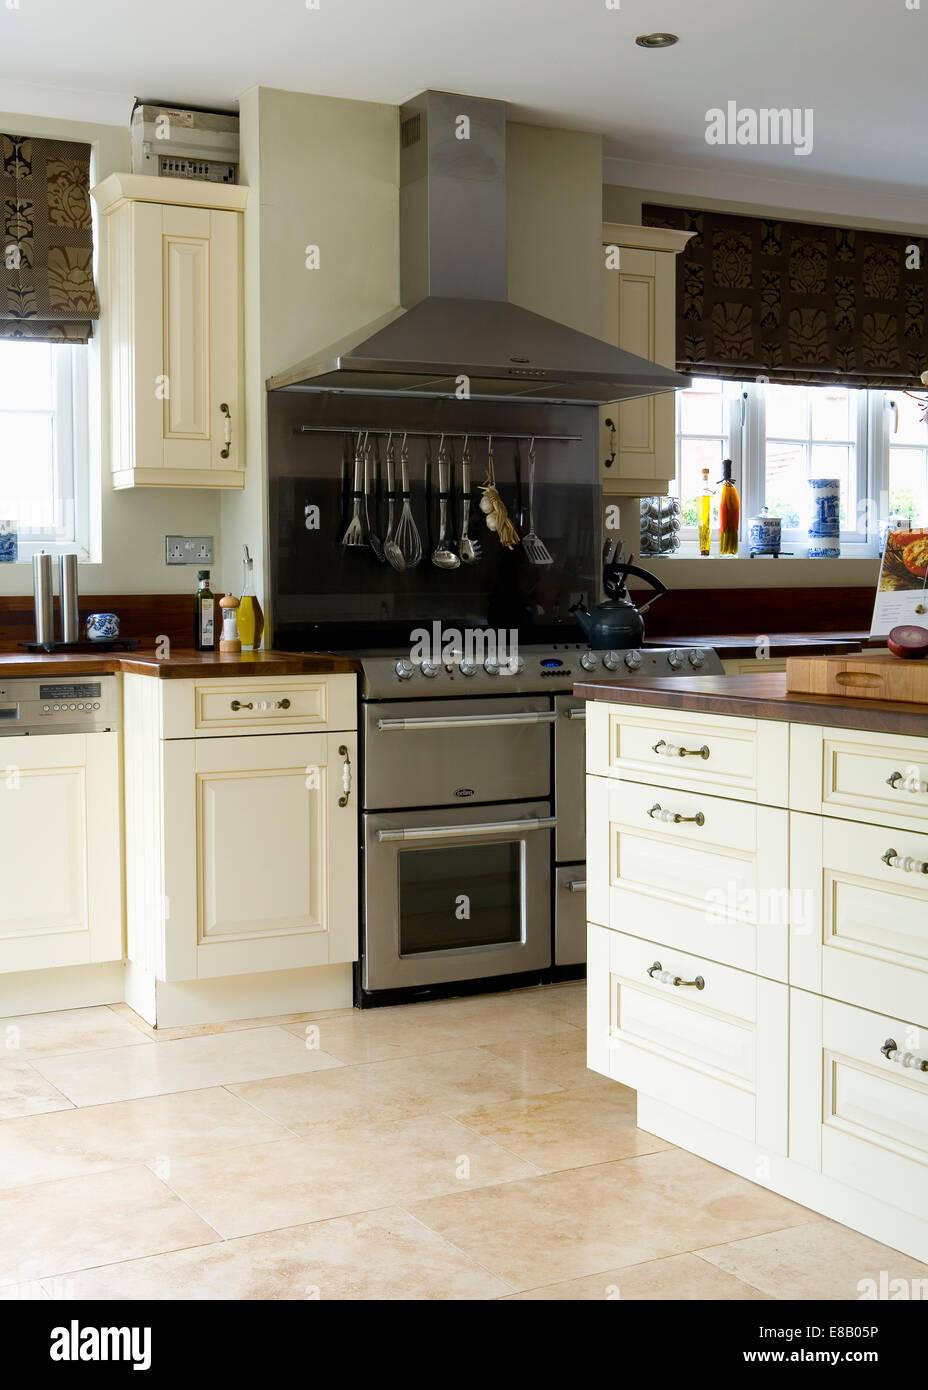 La crema pavimento in travertino di piastrelle in cucina moderna con ...